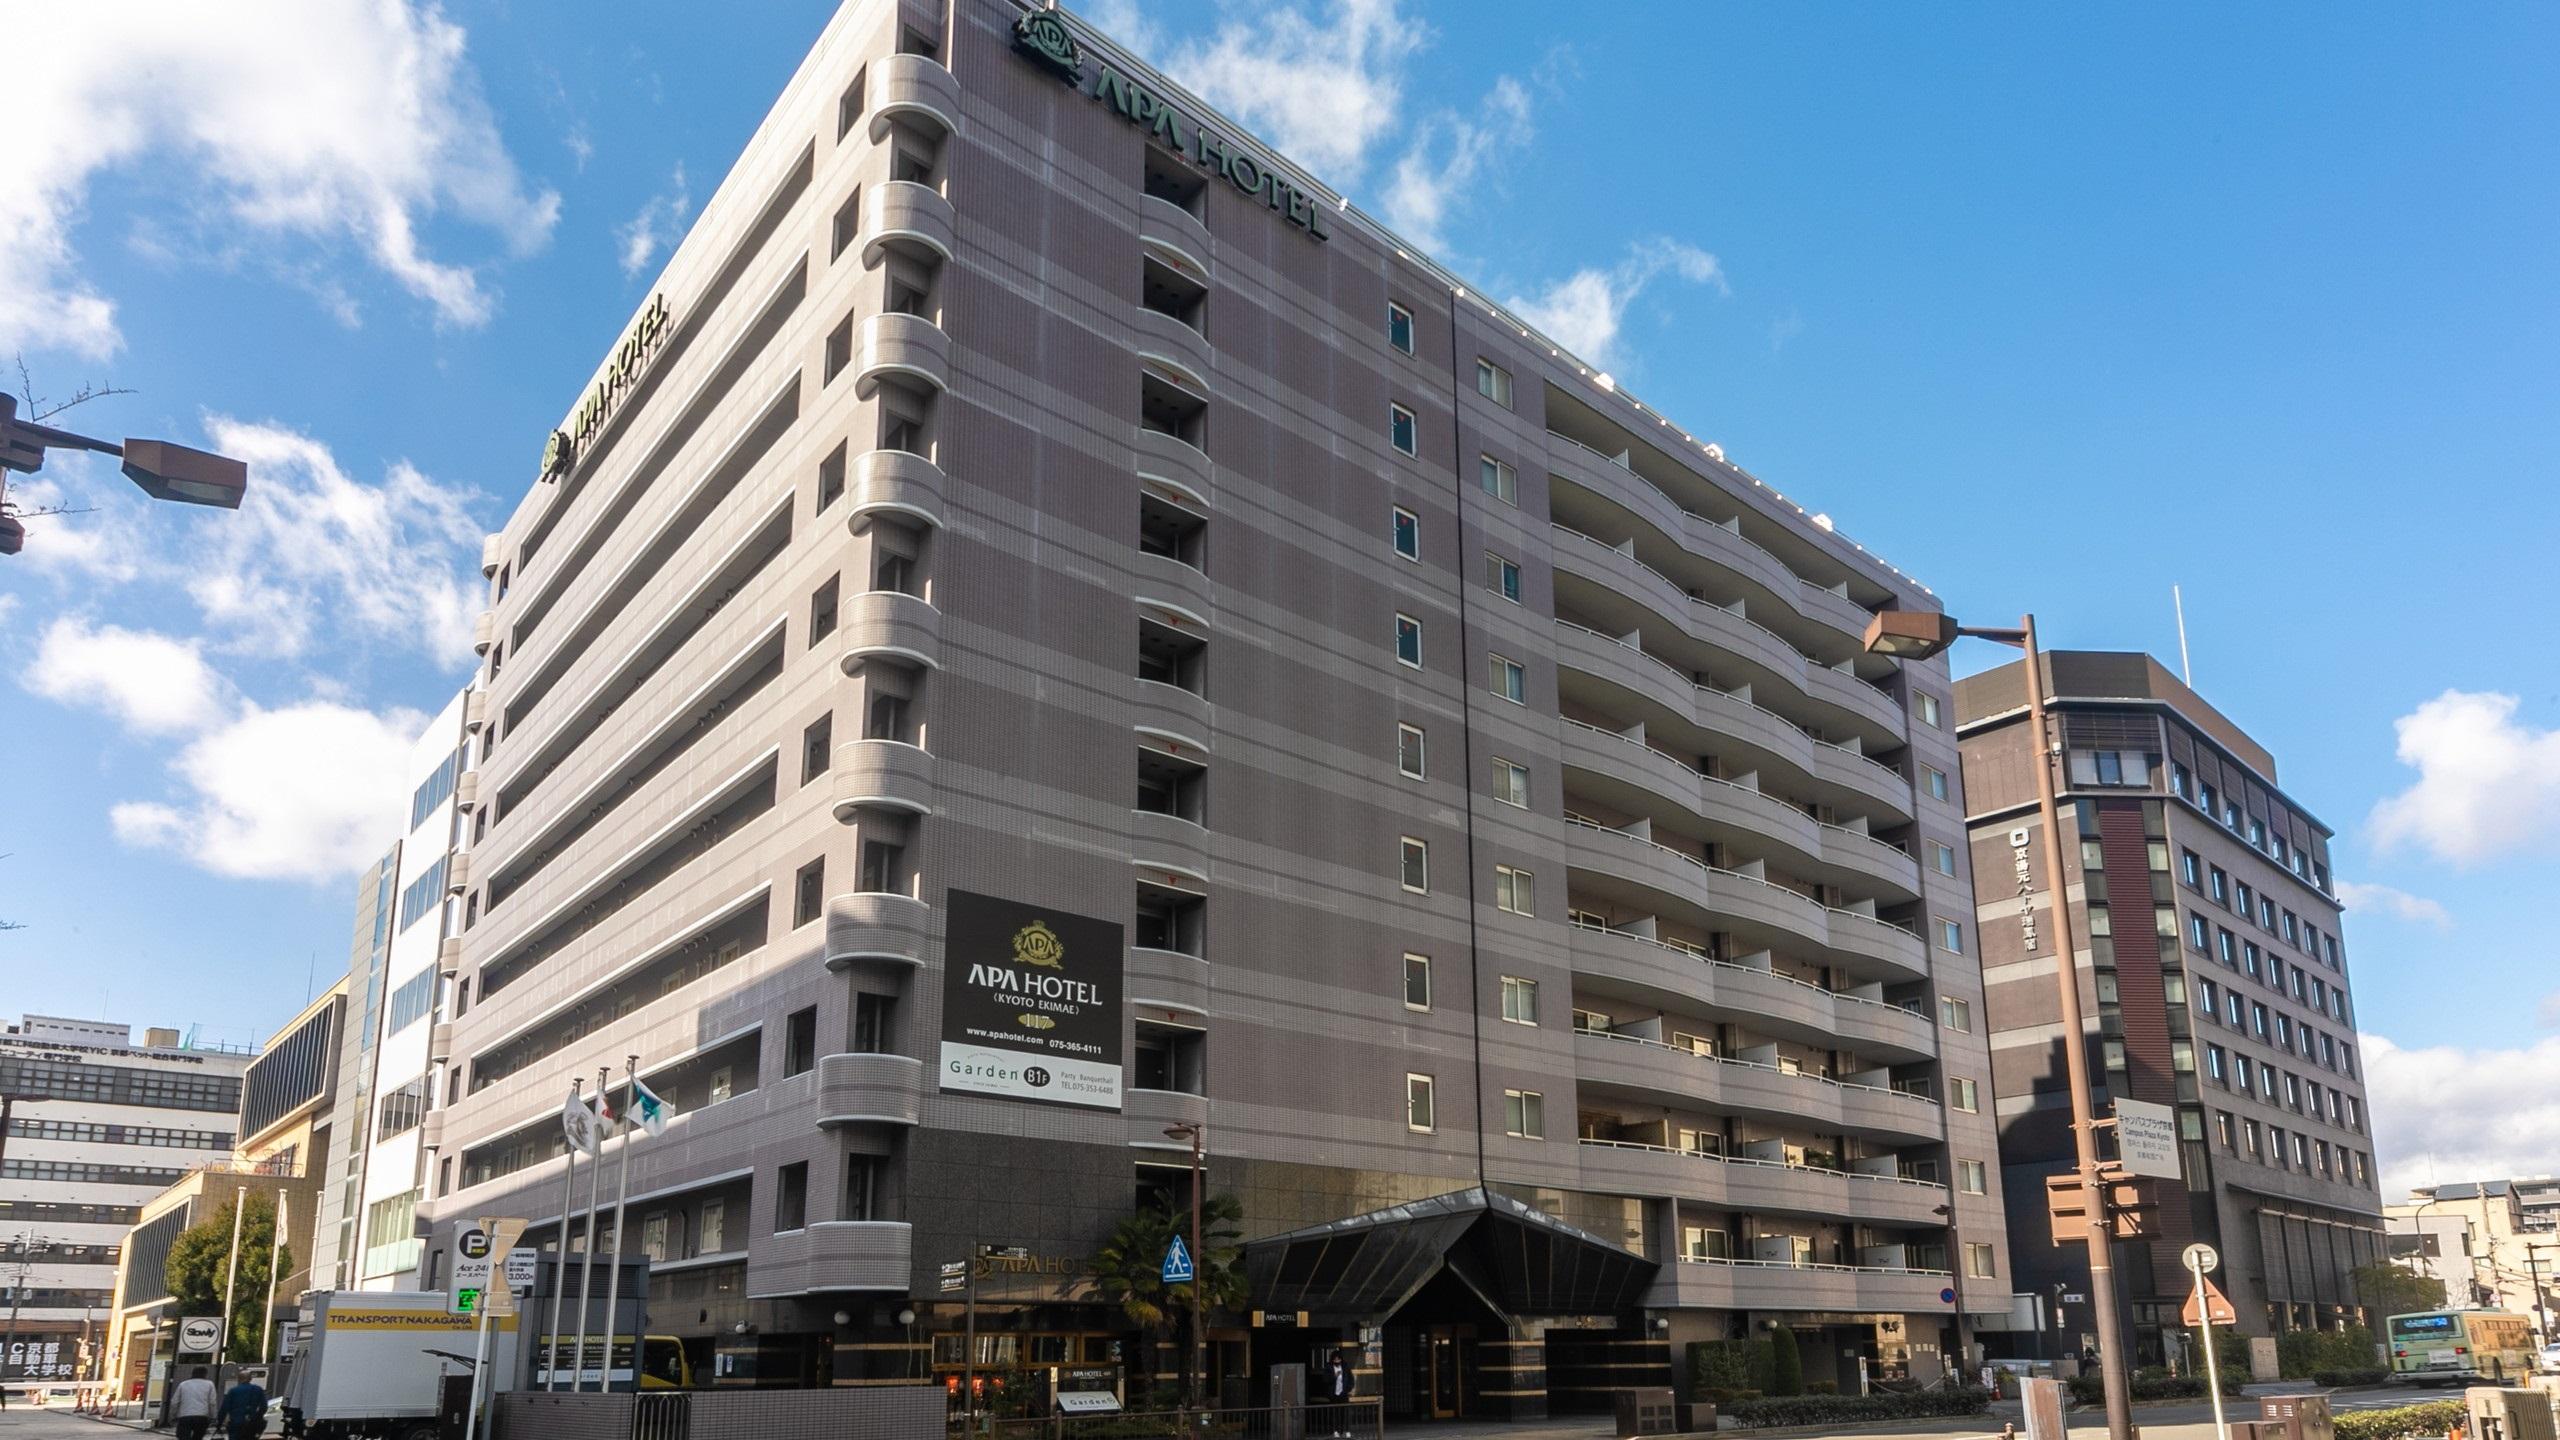 アパホテル 京都駅前◆楽天トラベル